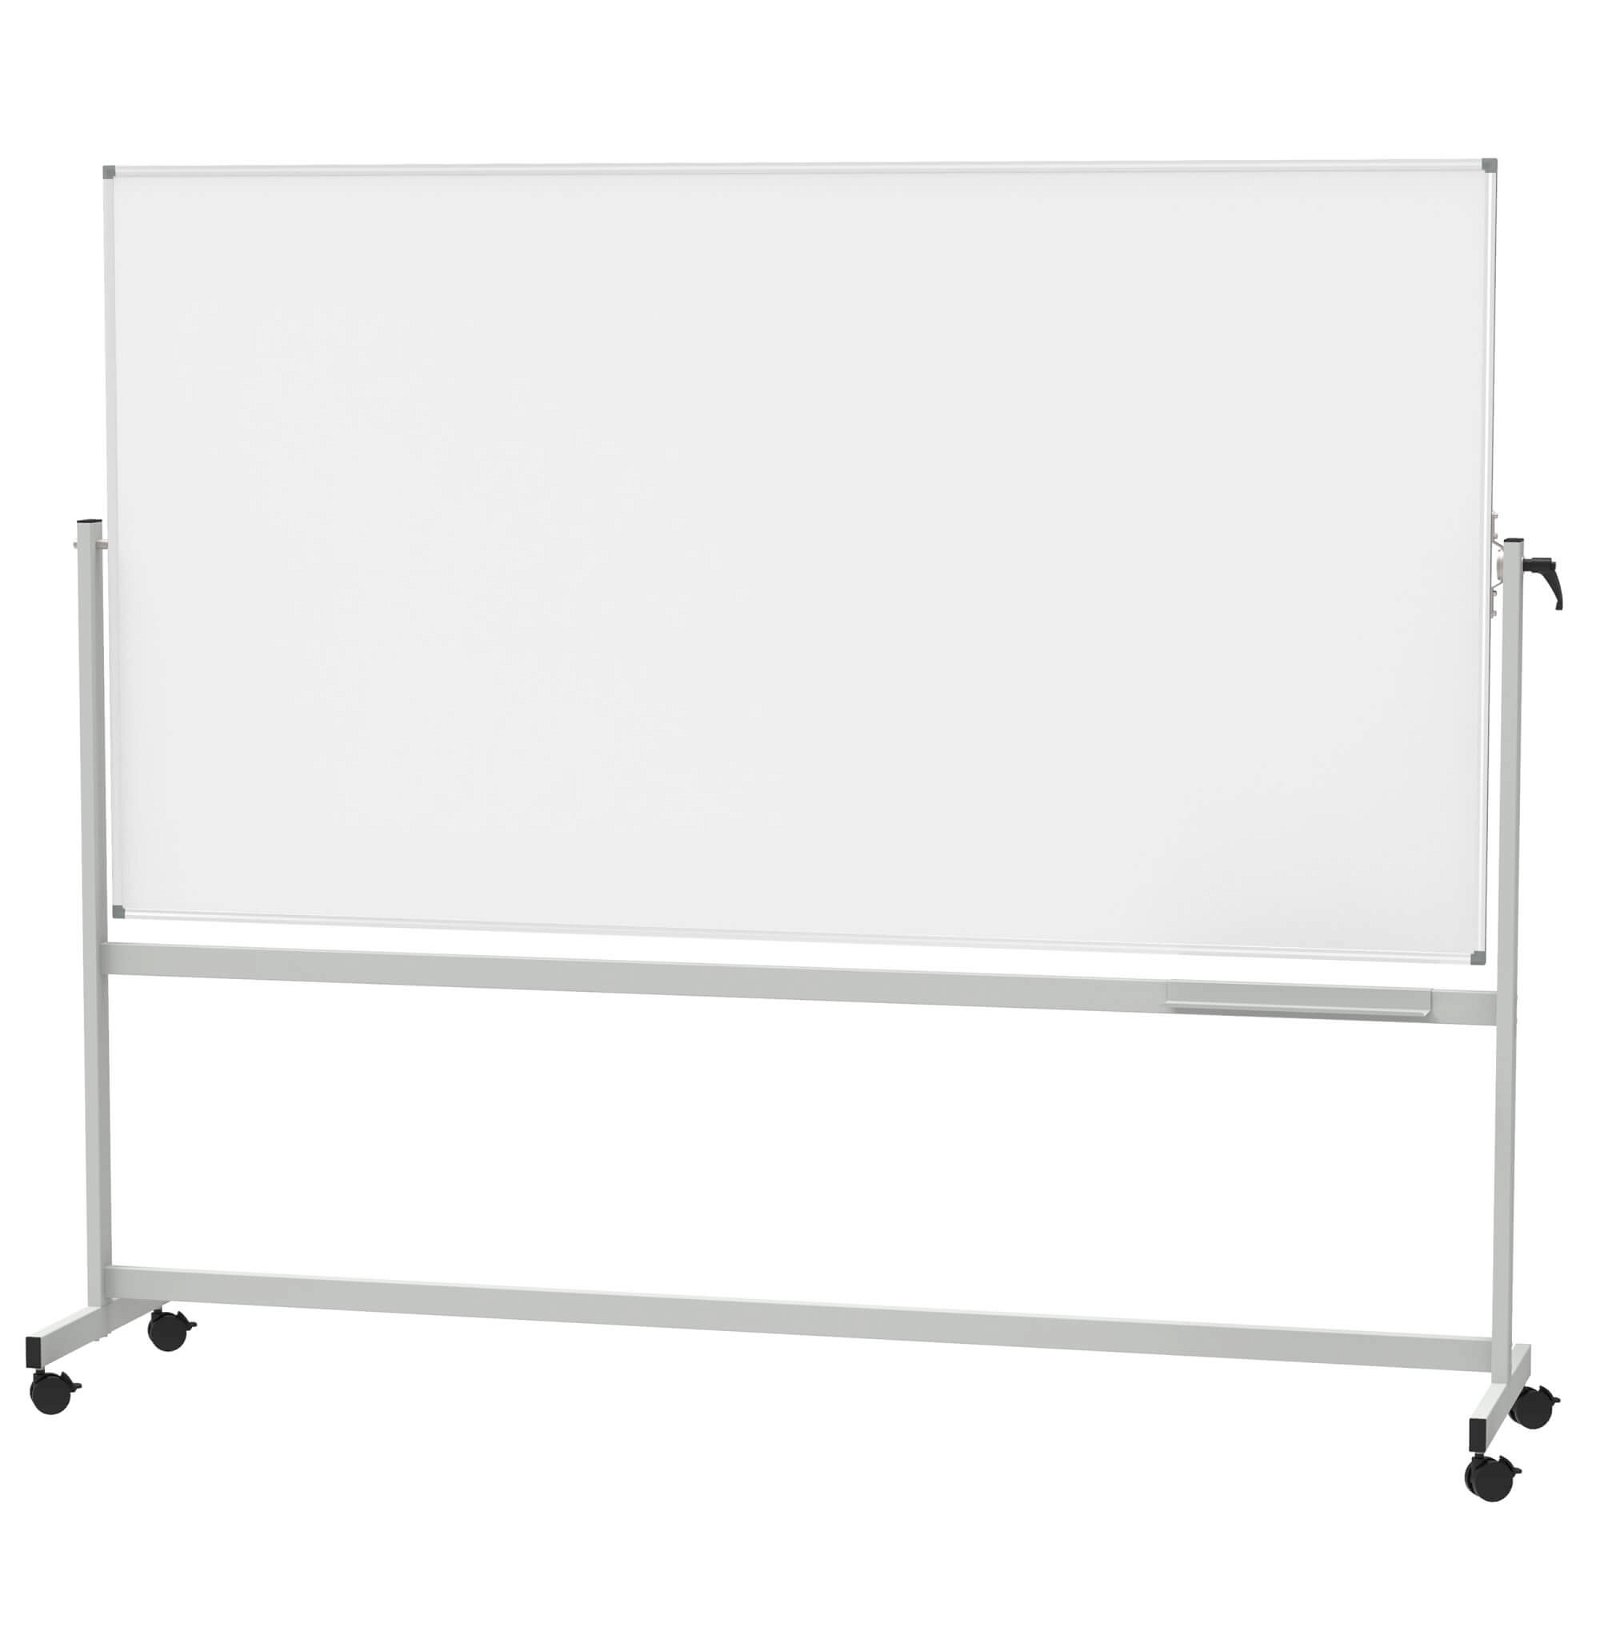 Mobiles Whiteboard, MAUL- standard, drehbar, 120x220 cm, grau